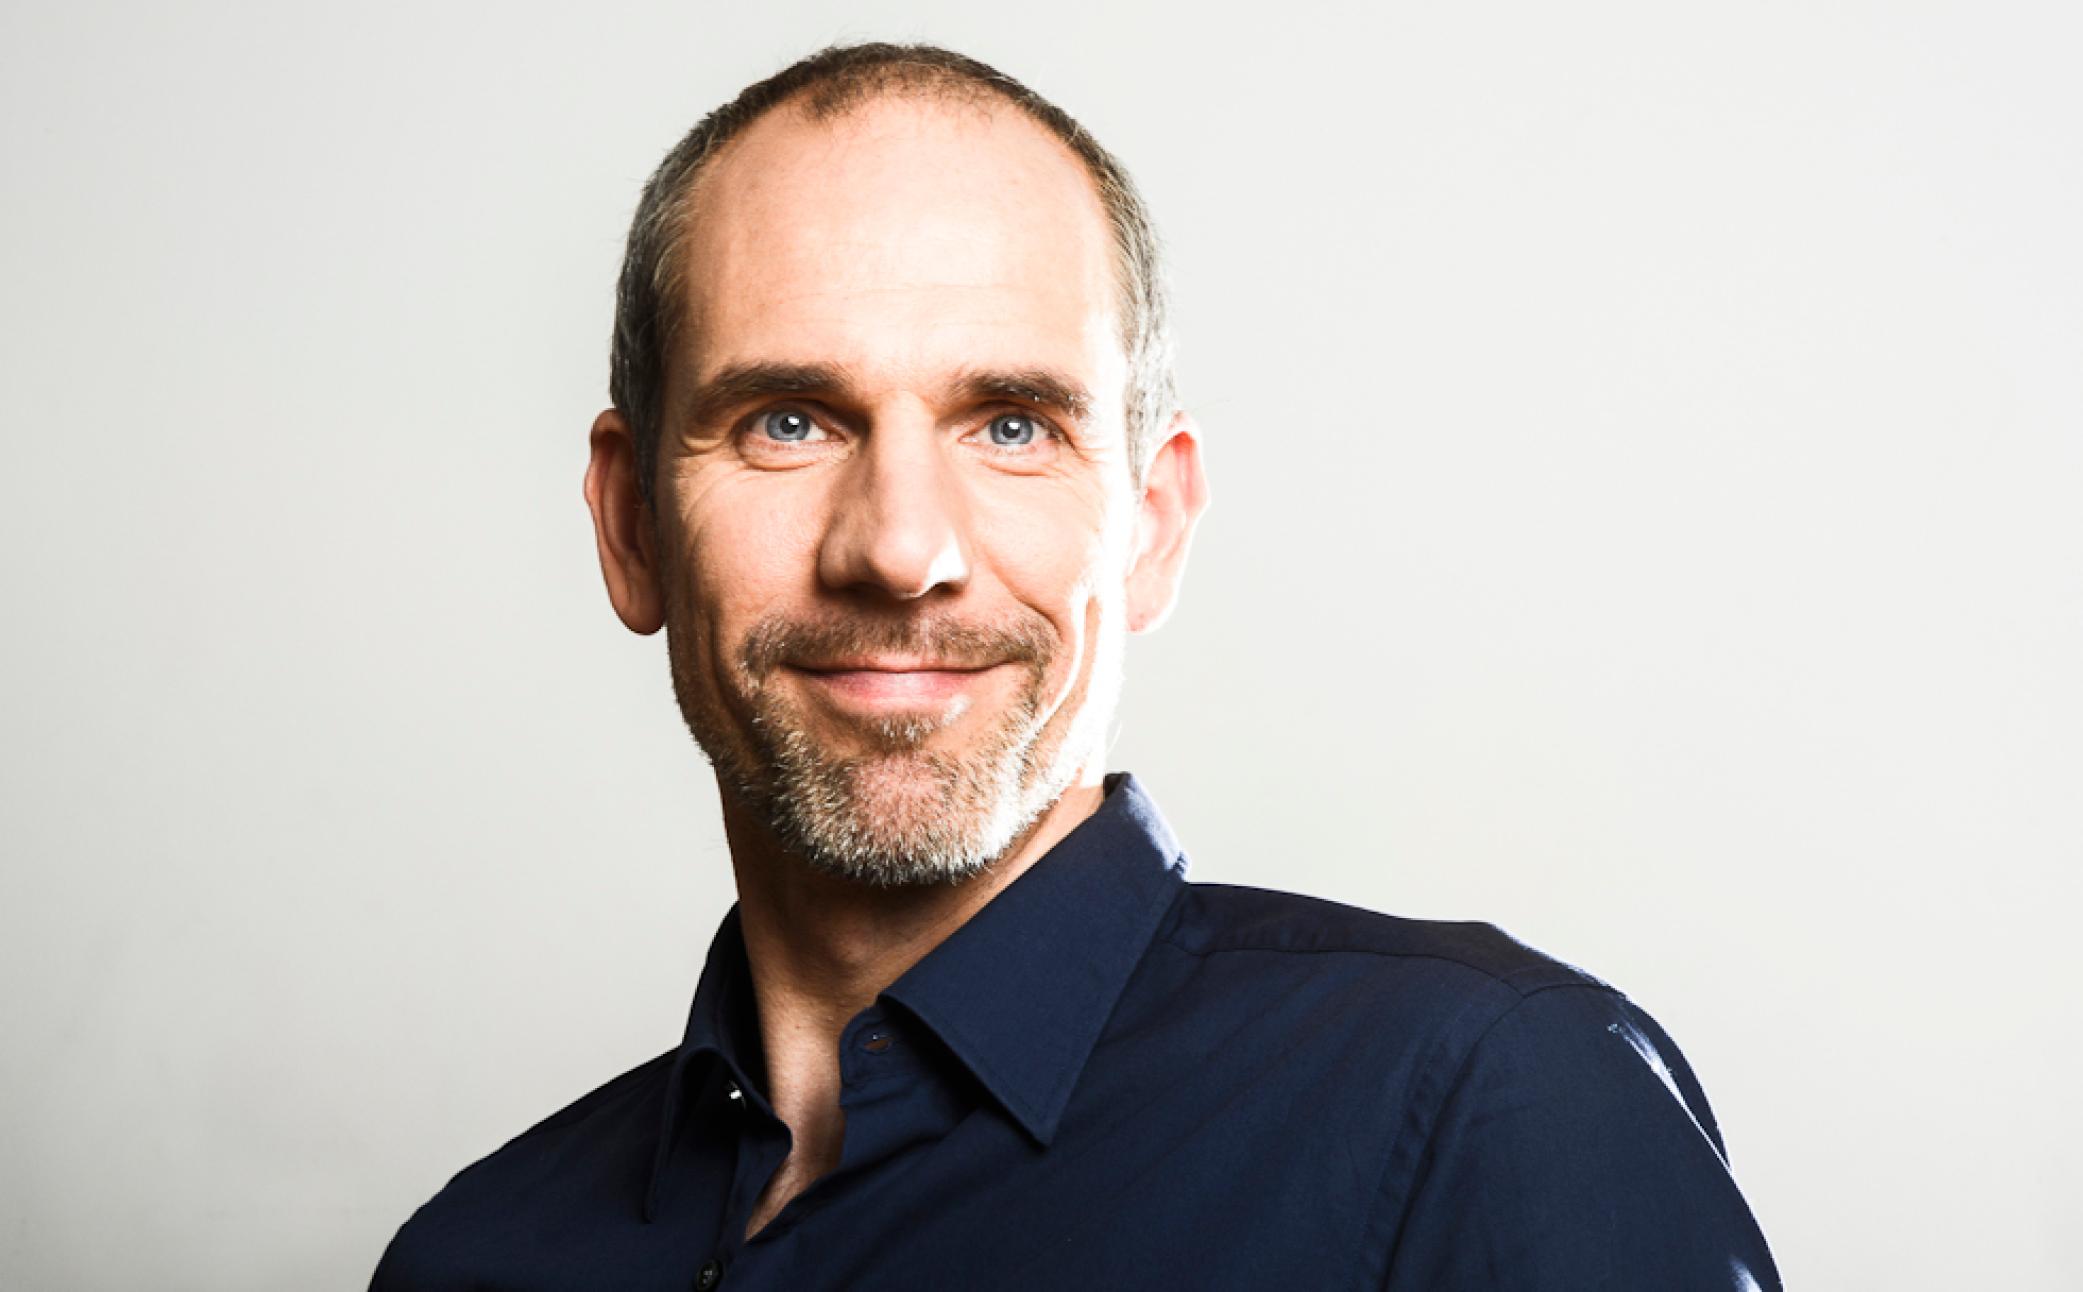 Mann auf einem Business Foto mit Kundenwirkung - Business Portraits - Business Branding Fotograf Berlin